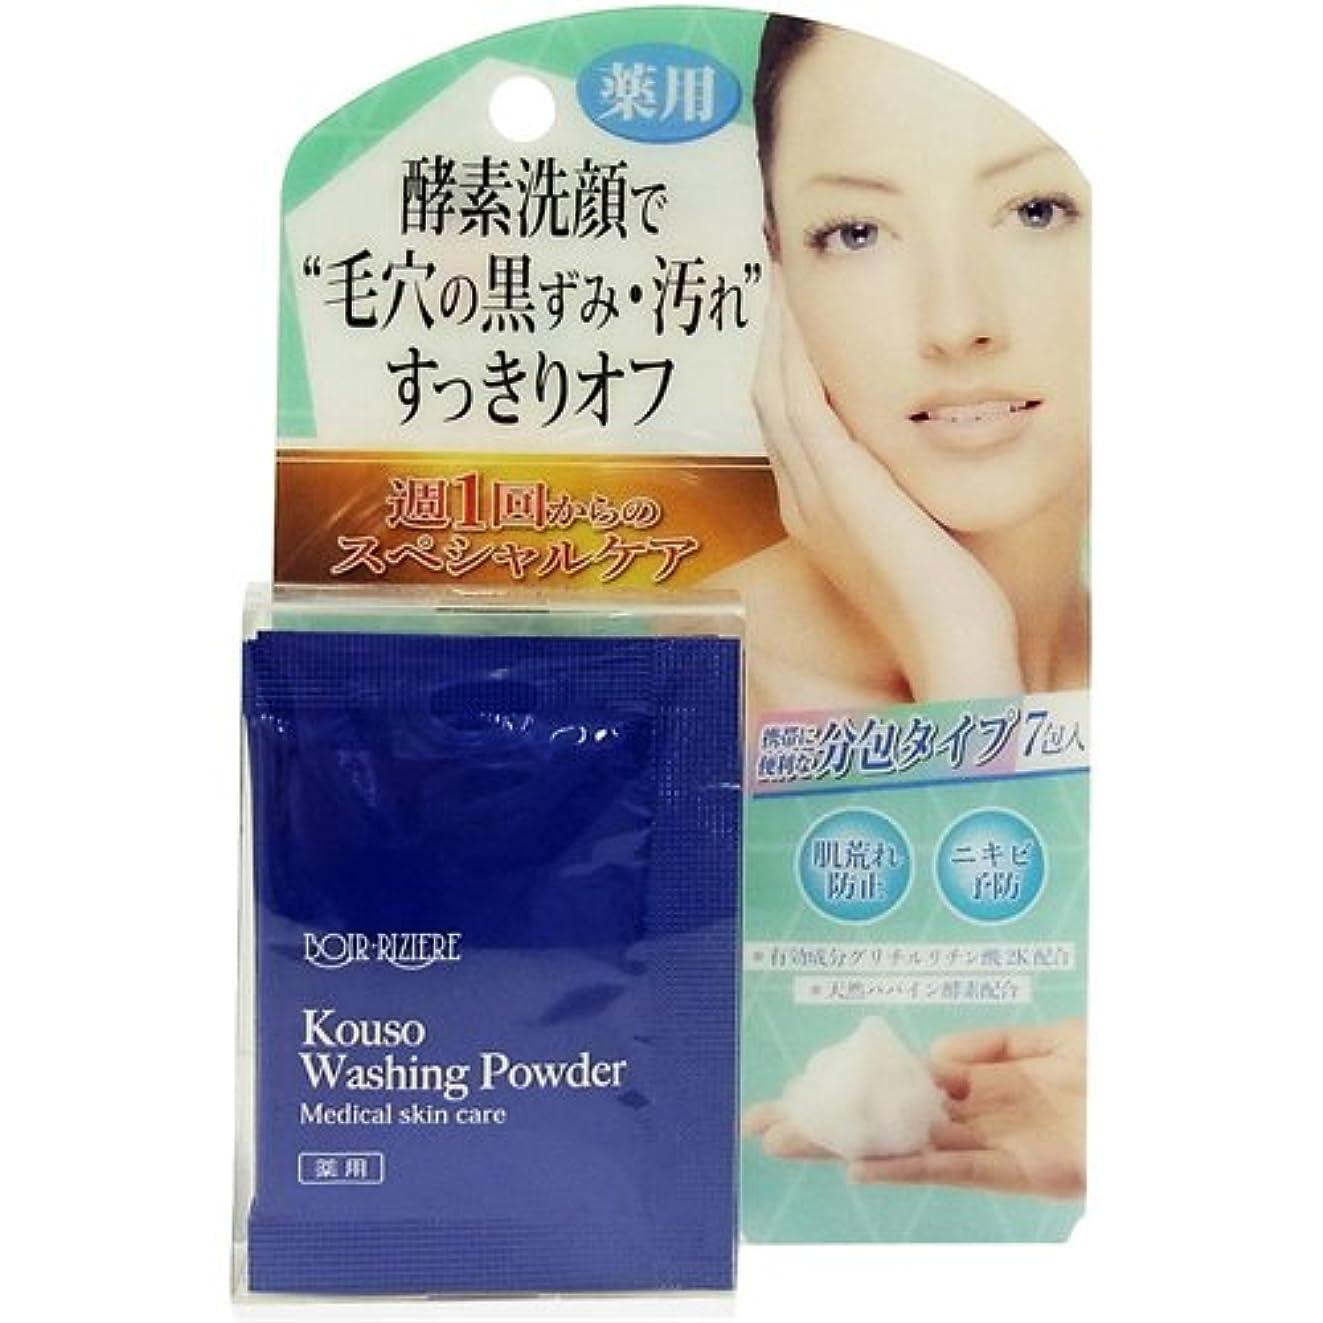 大西洋サーマル効果的にボア?リジェール 薬用酵素洗顔パウダー (1.5g×7包)